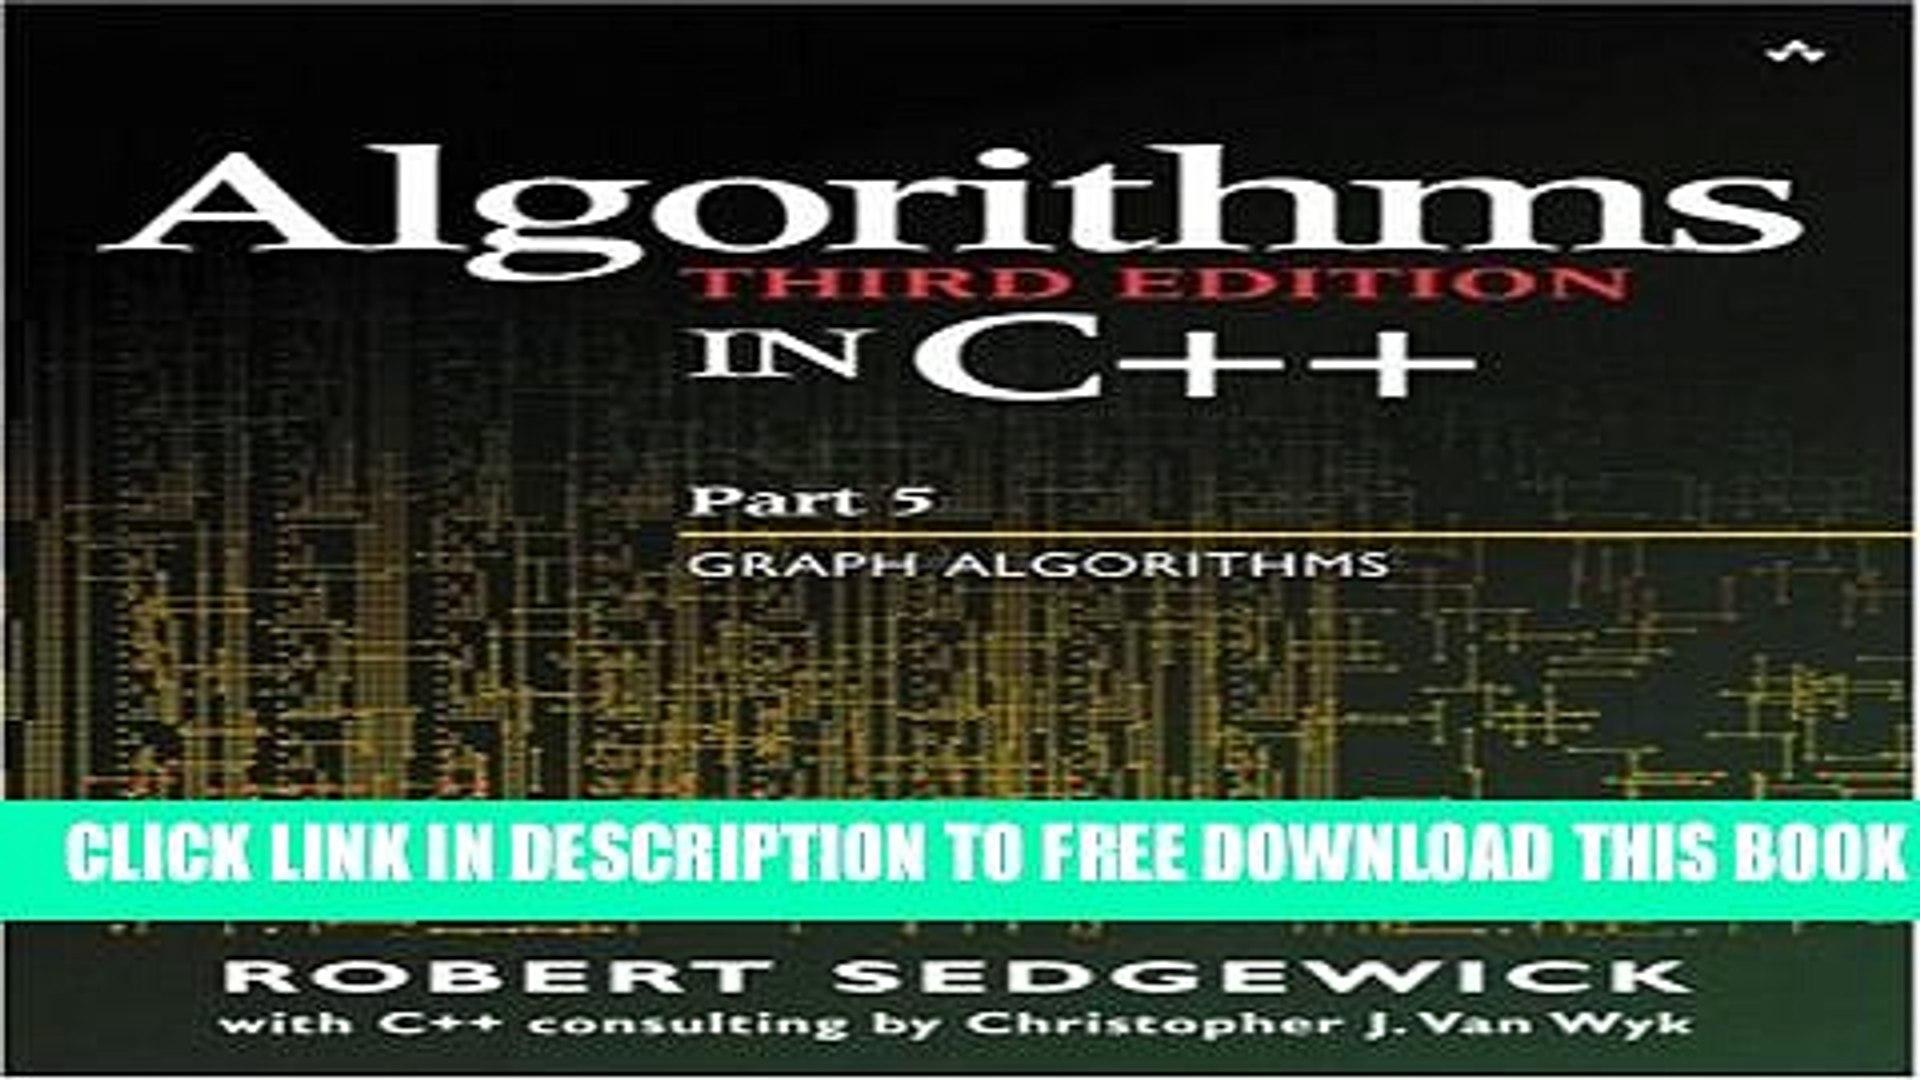 New Book Algorithms in C++ Part 5: Graph Algorithms (3rd Edition) (Pt 5)